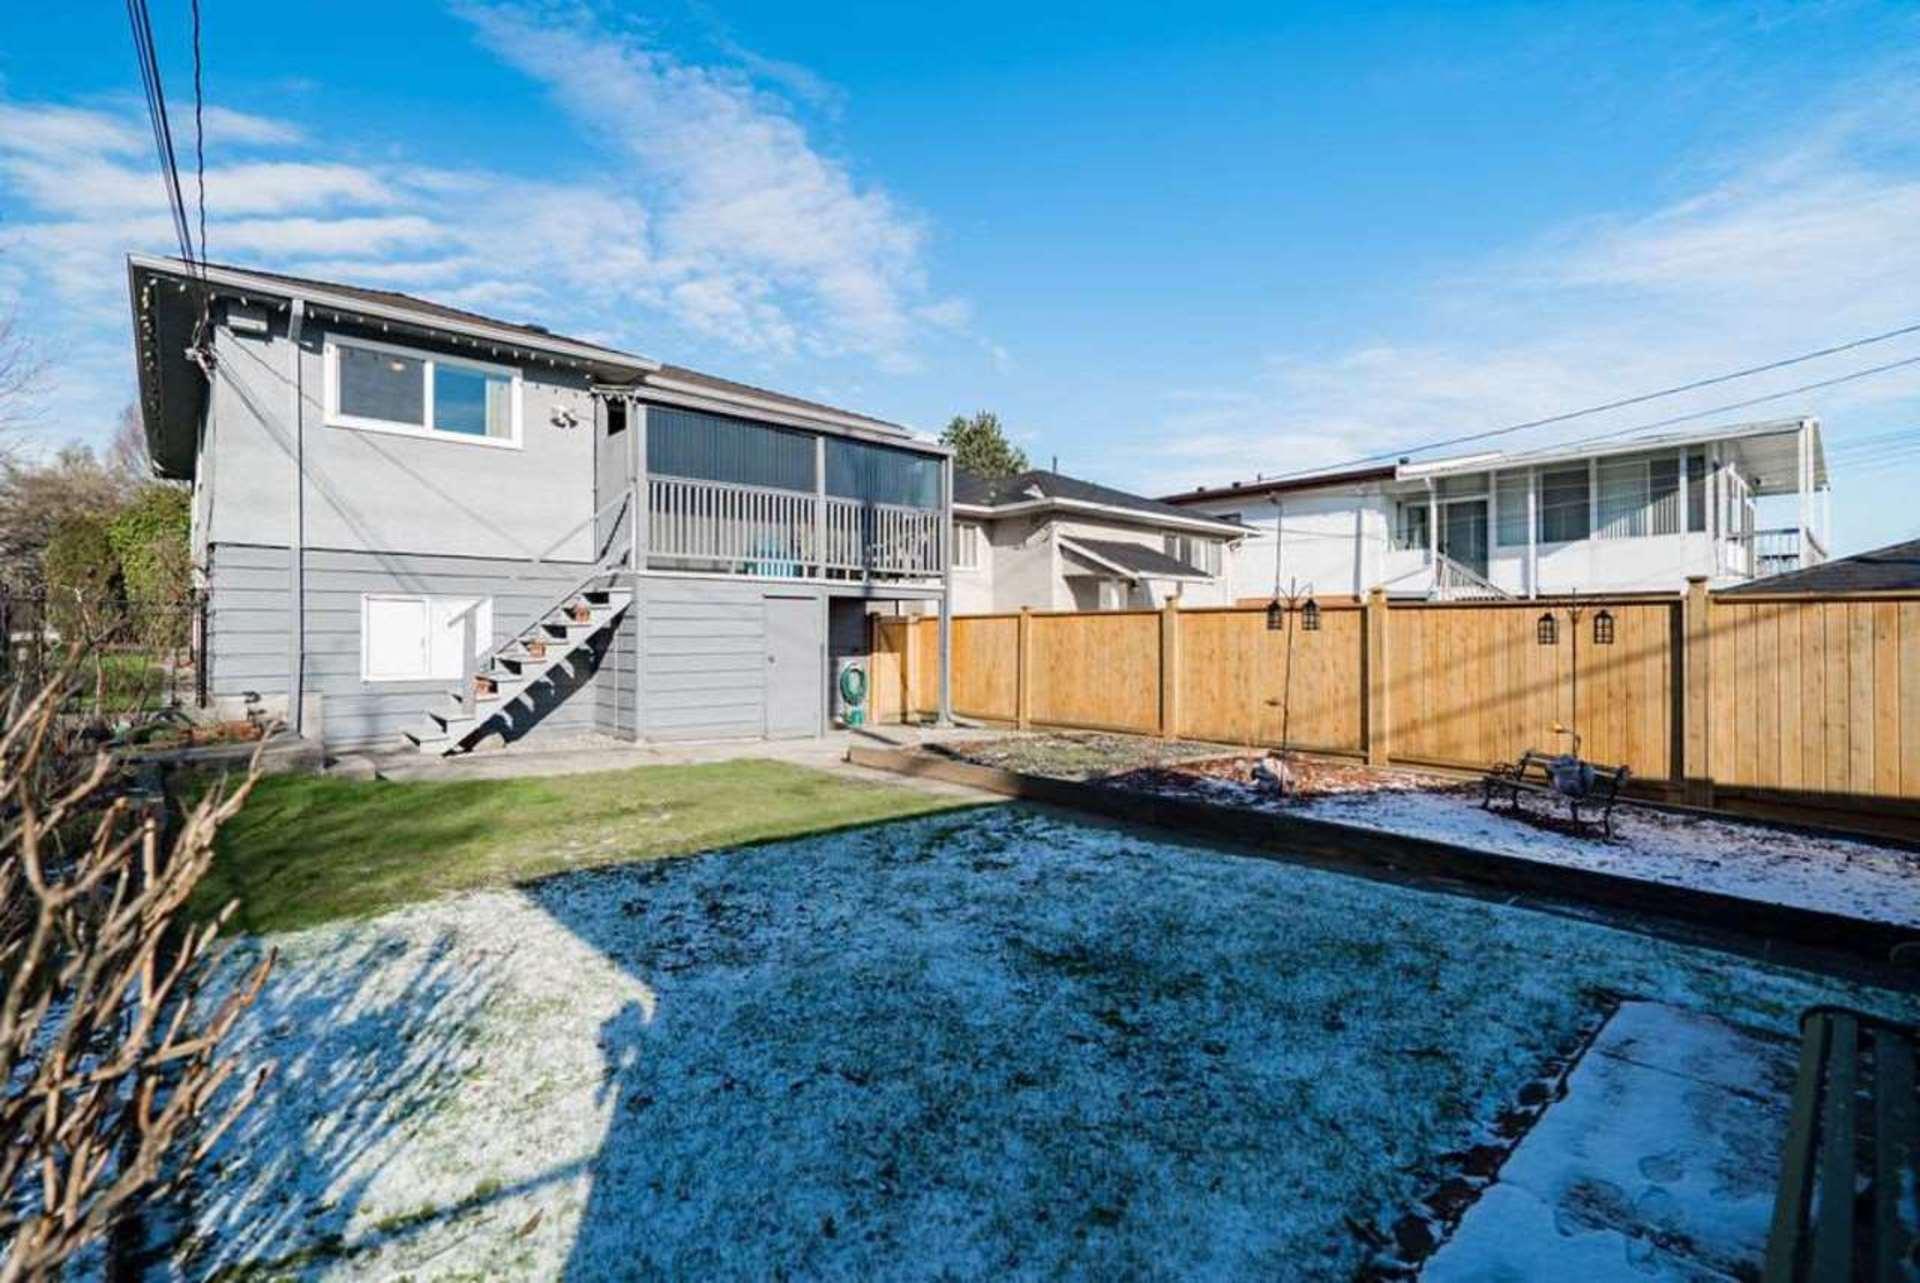 2504-e-1st-avenue-renfrew-ve-vancouver-east-18 at 2504 E 1st Avenue, Renfrew VE, Vancouver East